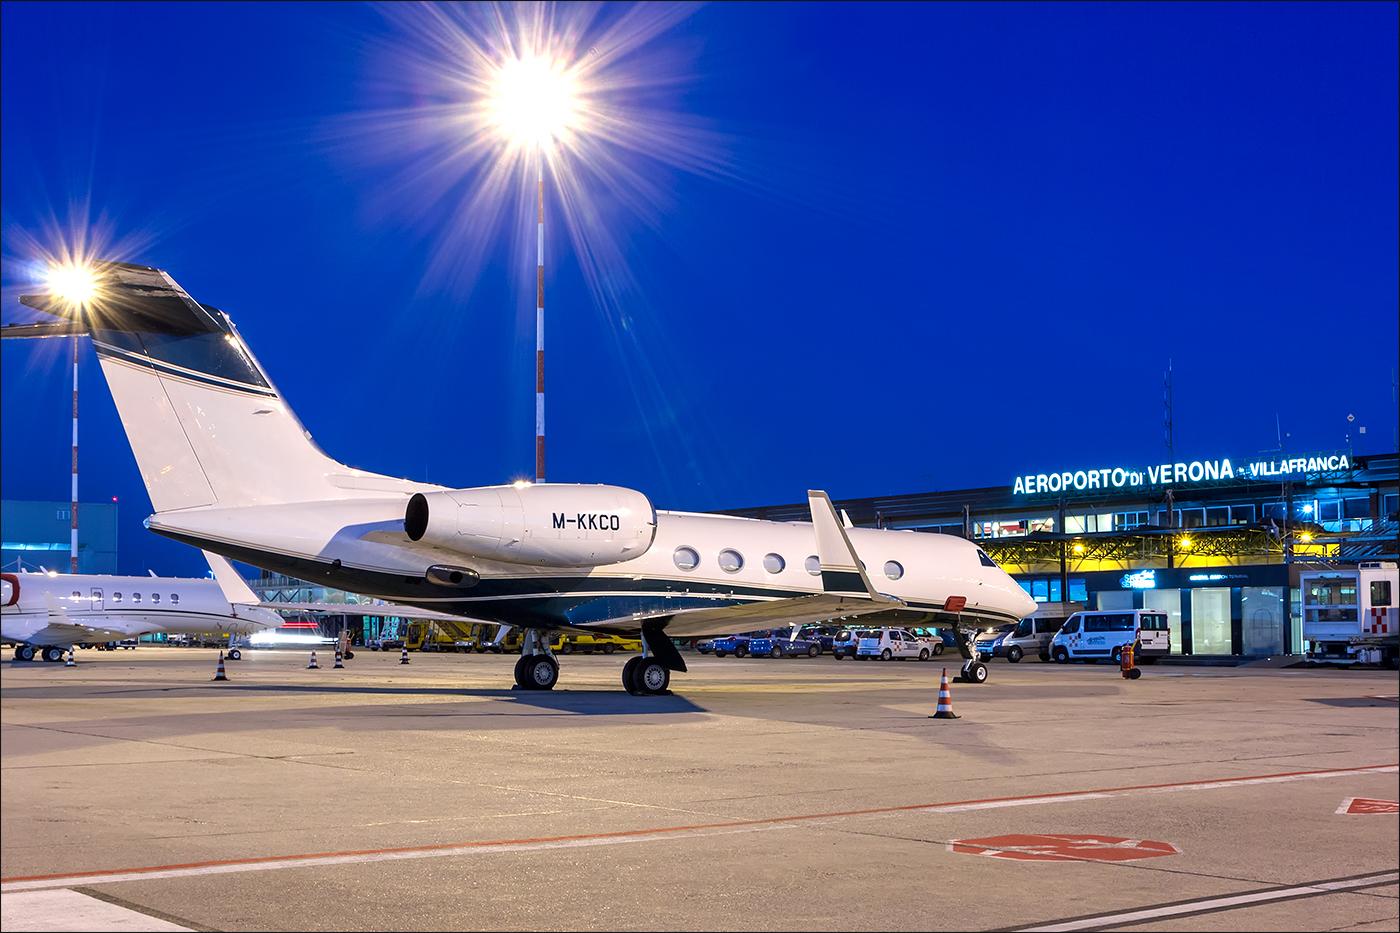 Aeroporto di Verona - i dati di traffico a febbraio 2021